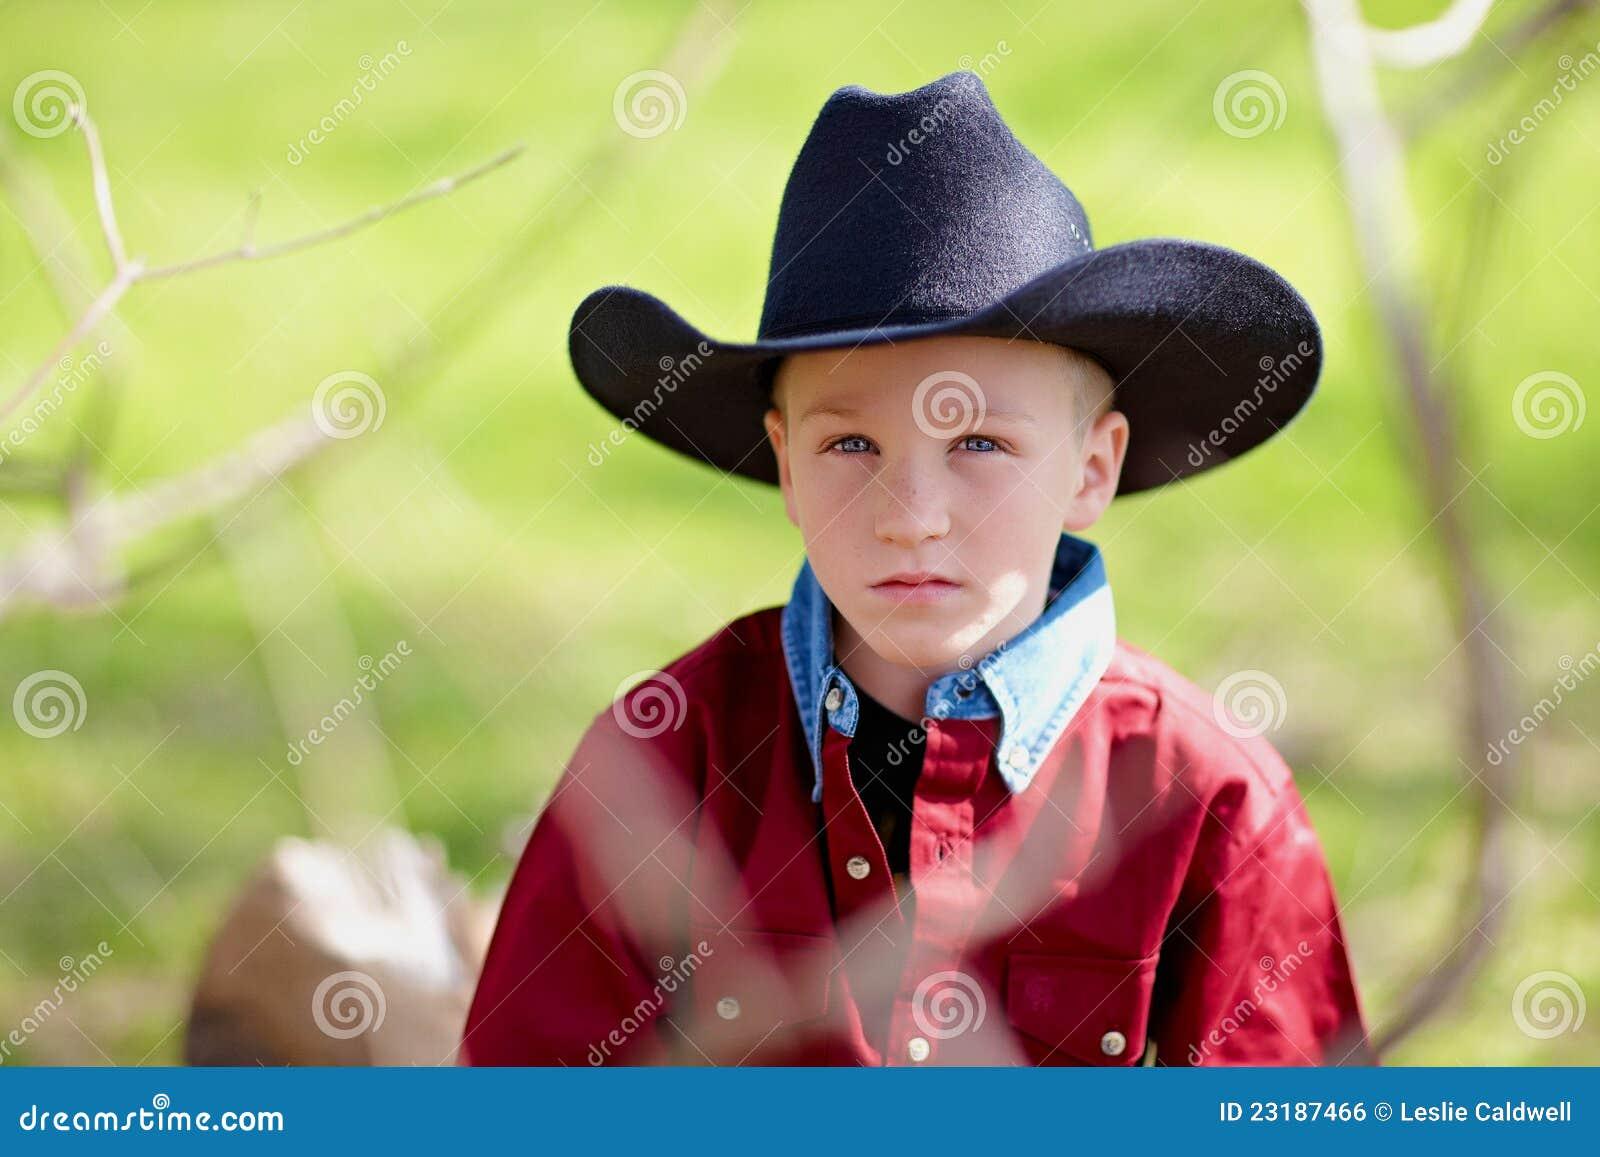 Portrait of a young boy wearing a black cowboy hat. a5e3e8212cf